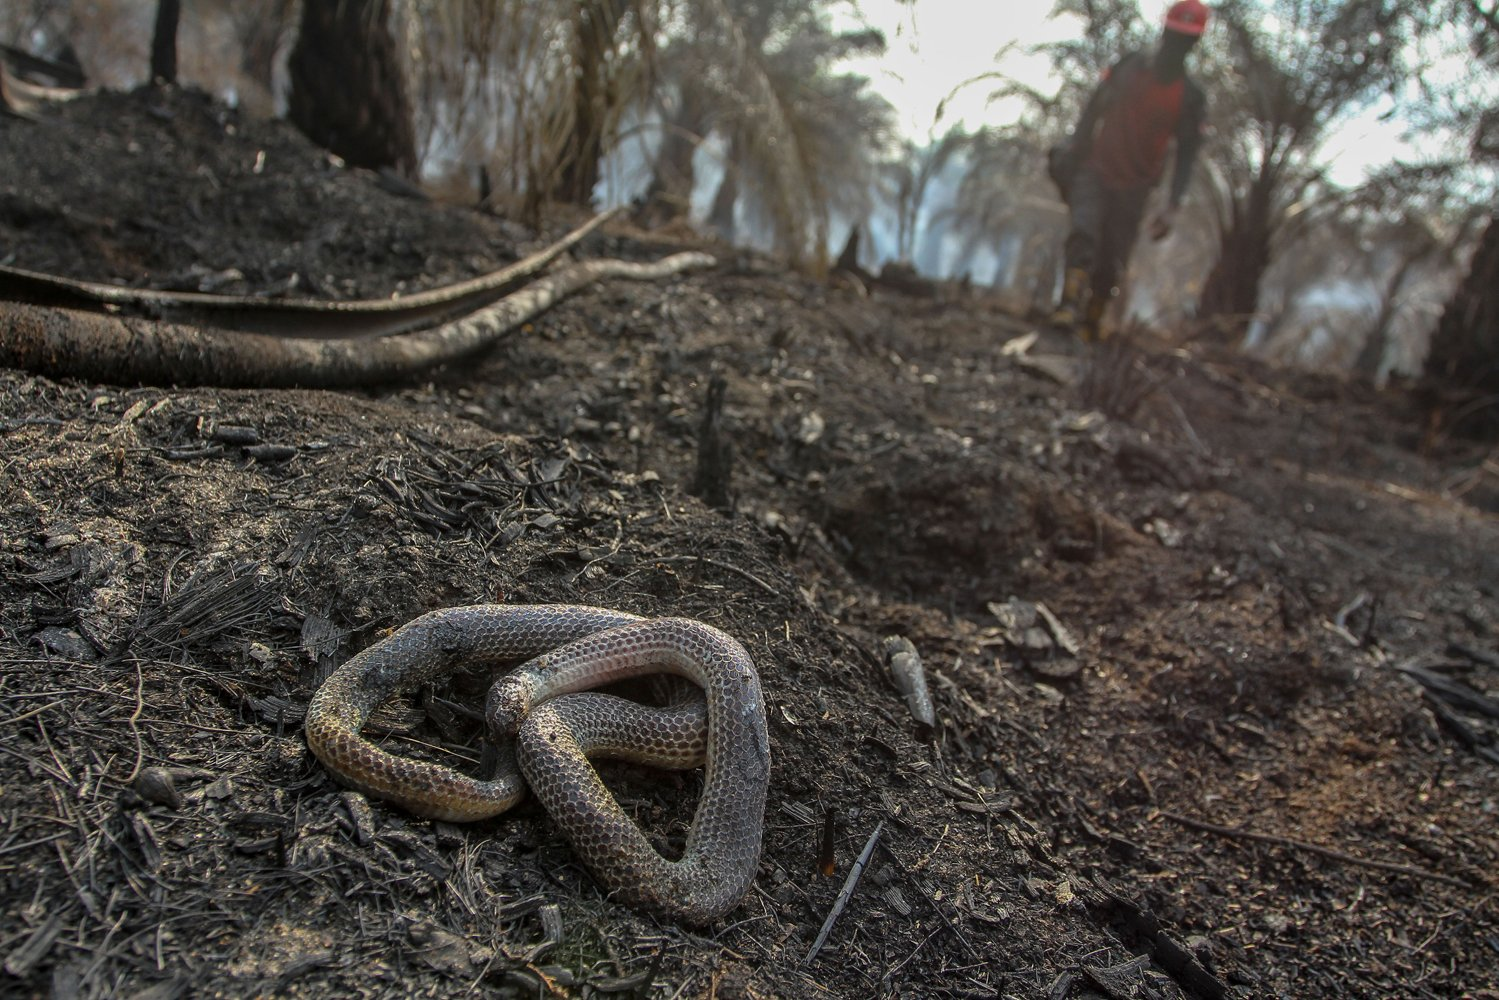 Seekor ular ditemukan mati di lokasi kebakaran lahan gambut di perkebunan sawit milik warga di Kecamatan Rumbai, Pekanbaru, Riau, Rabu (4/9/2019).